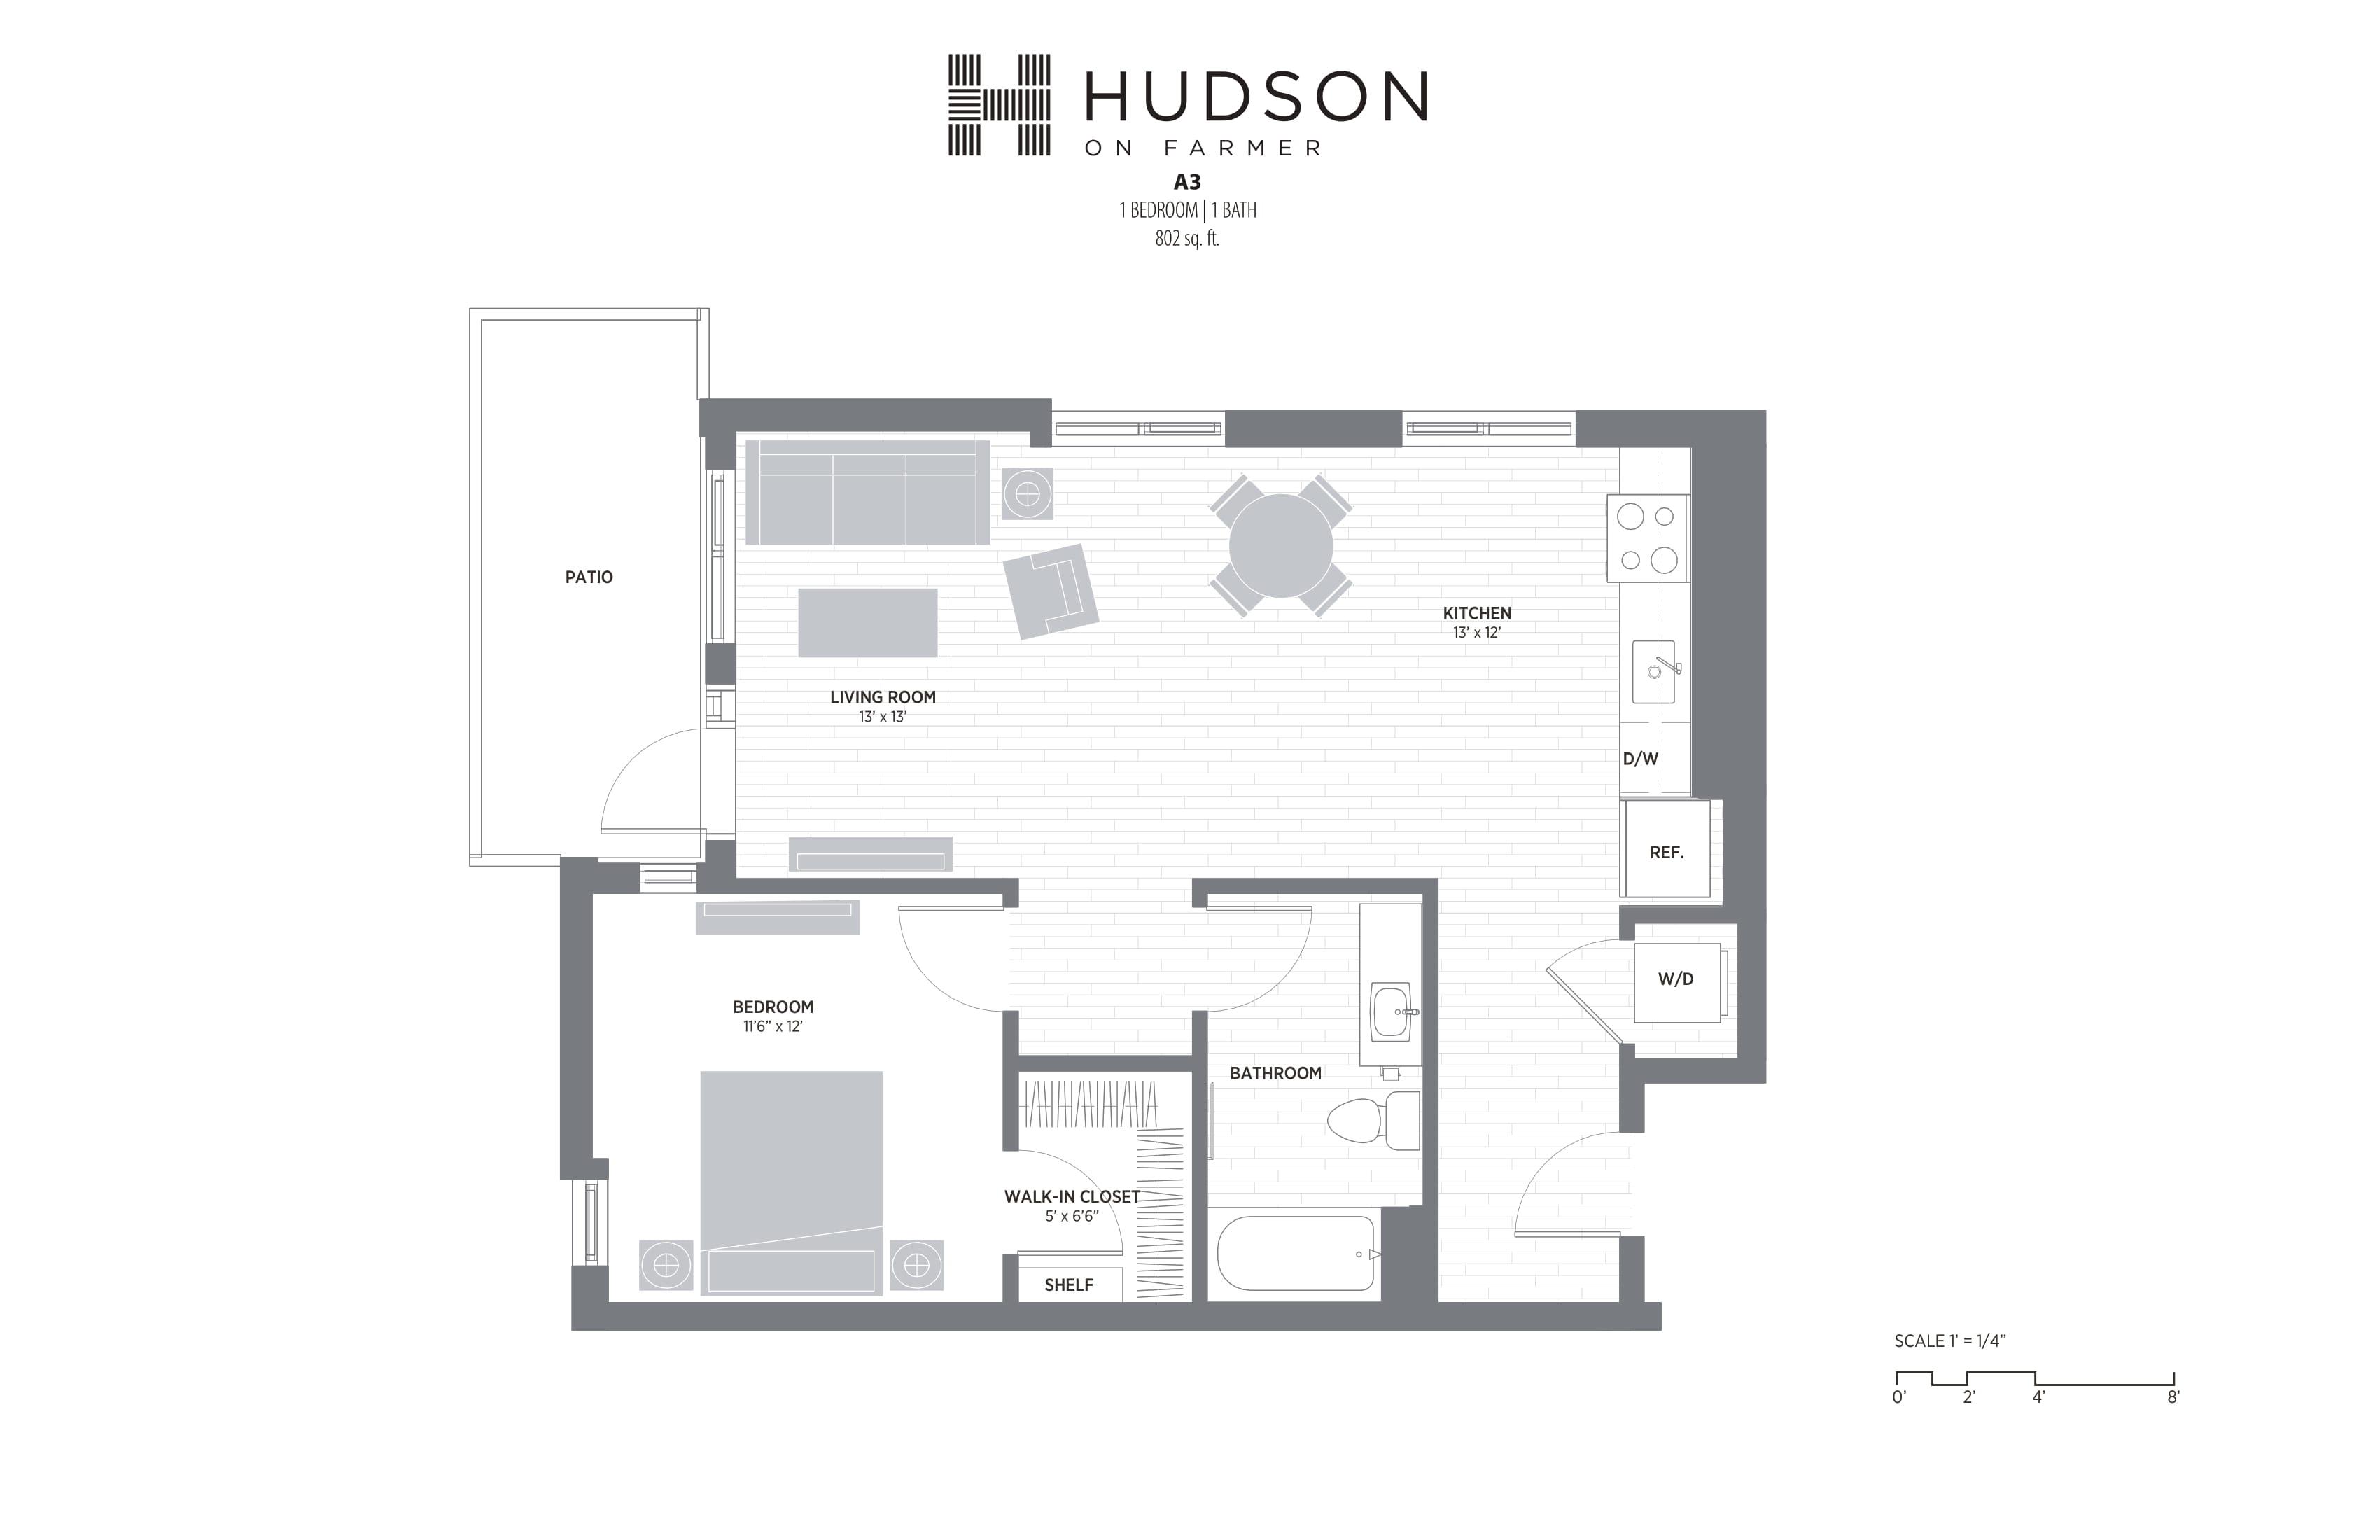 A3.c floor plan